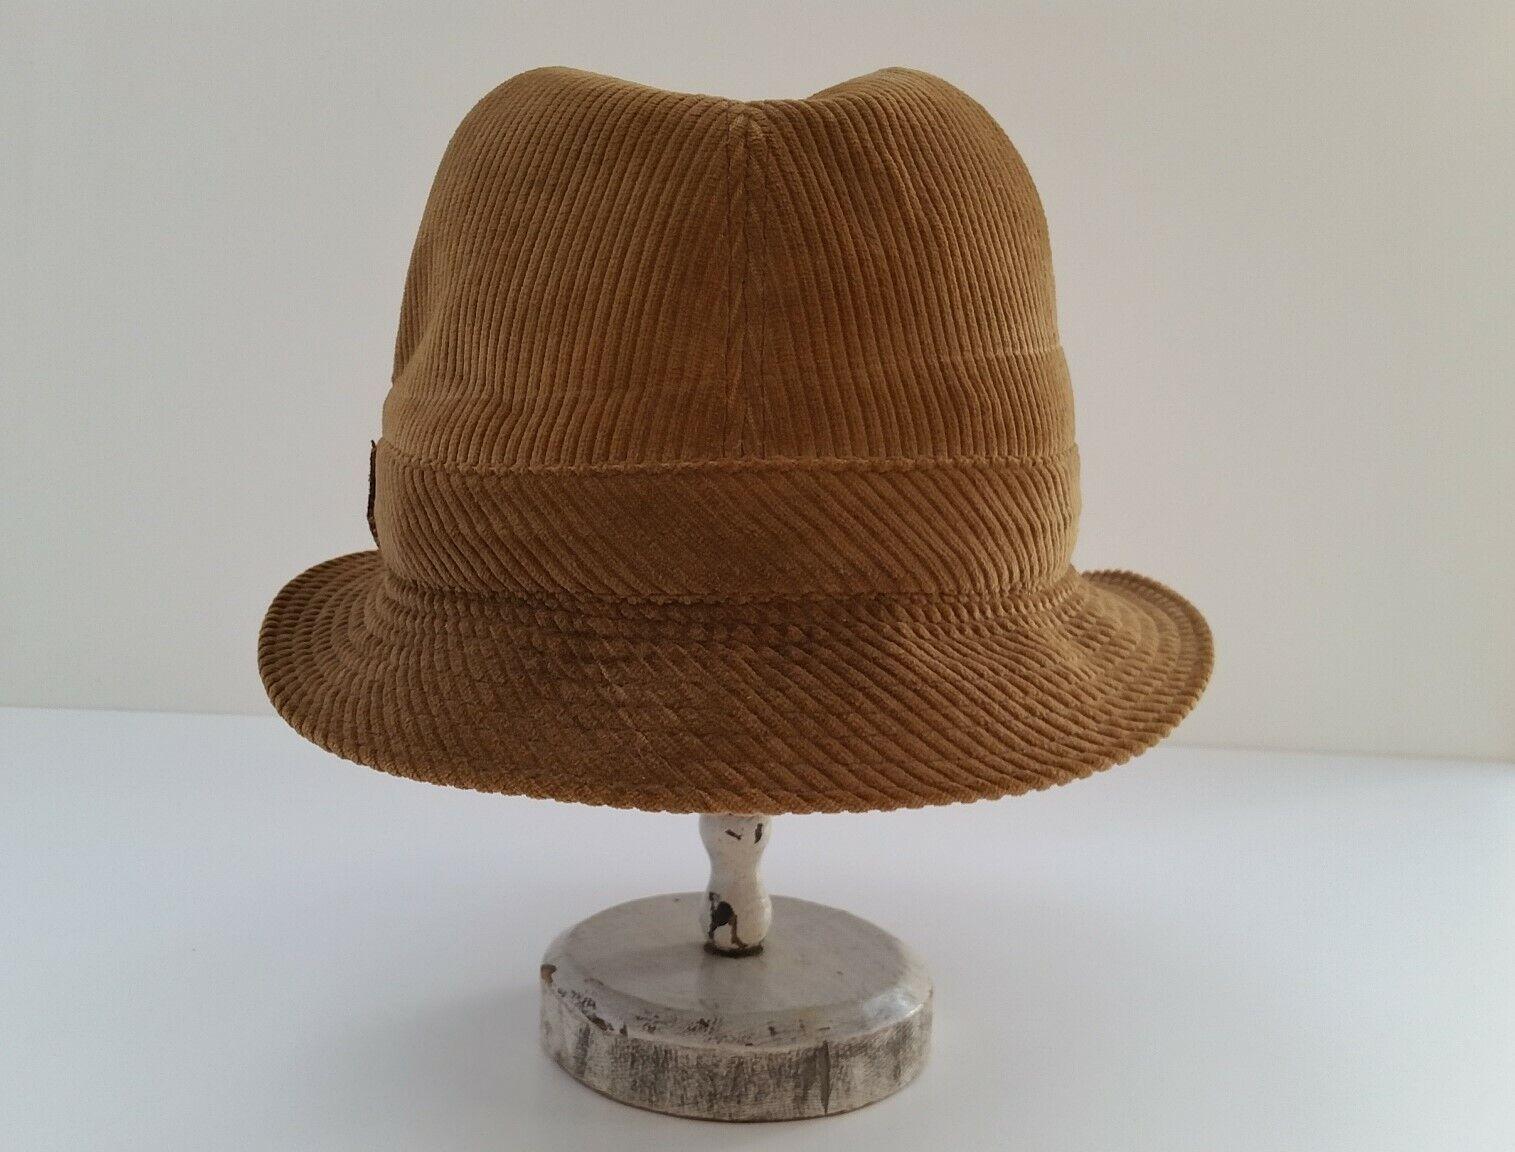 Trilby t 57 chapeau velours marron clair unisexe occasion vintage